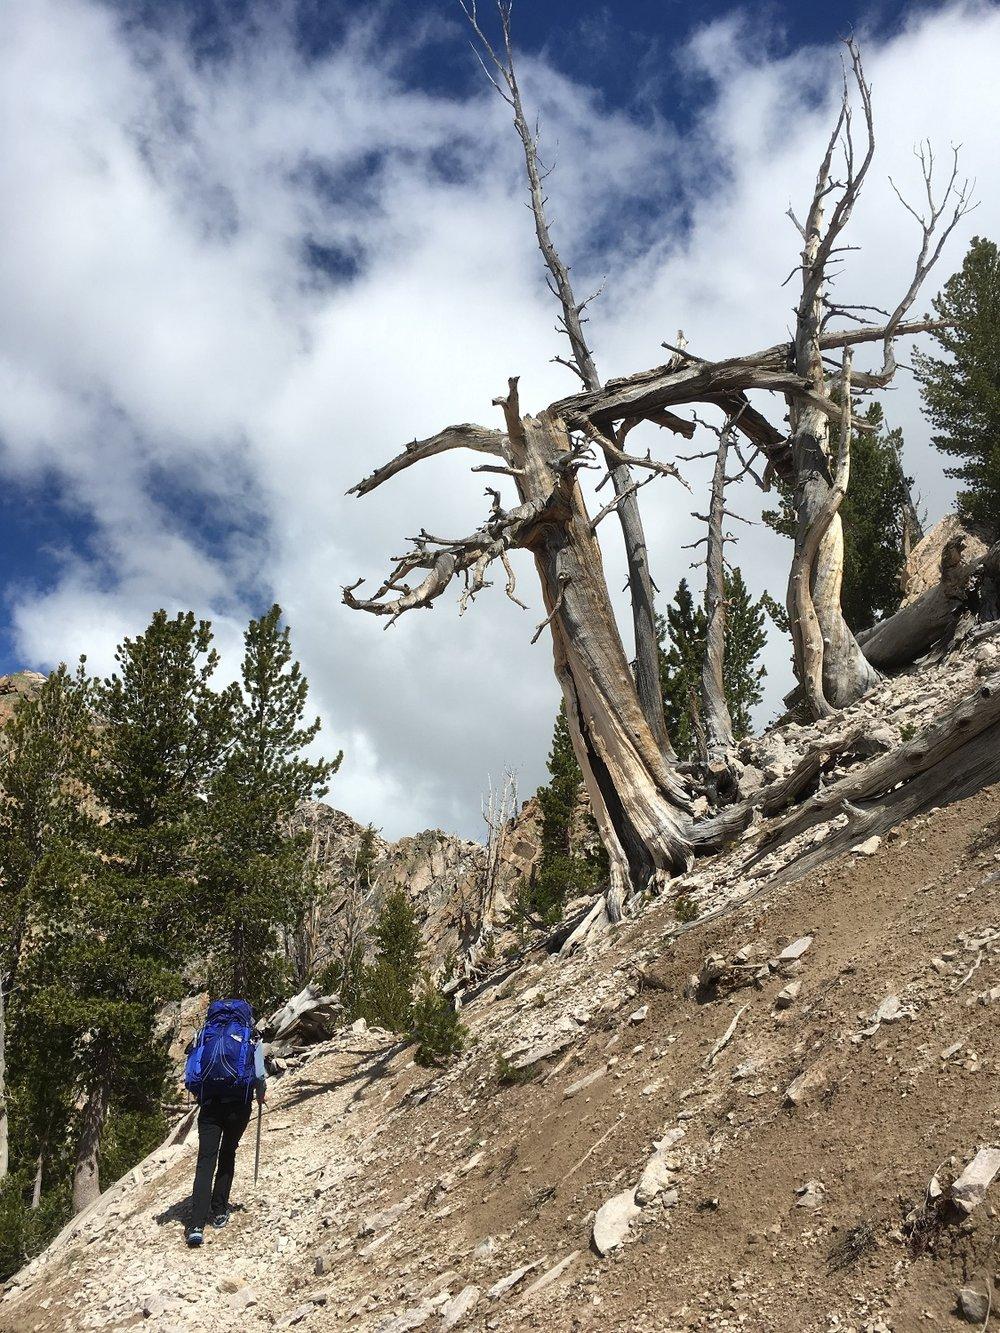 Whitebark pines